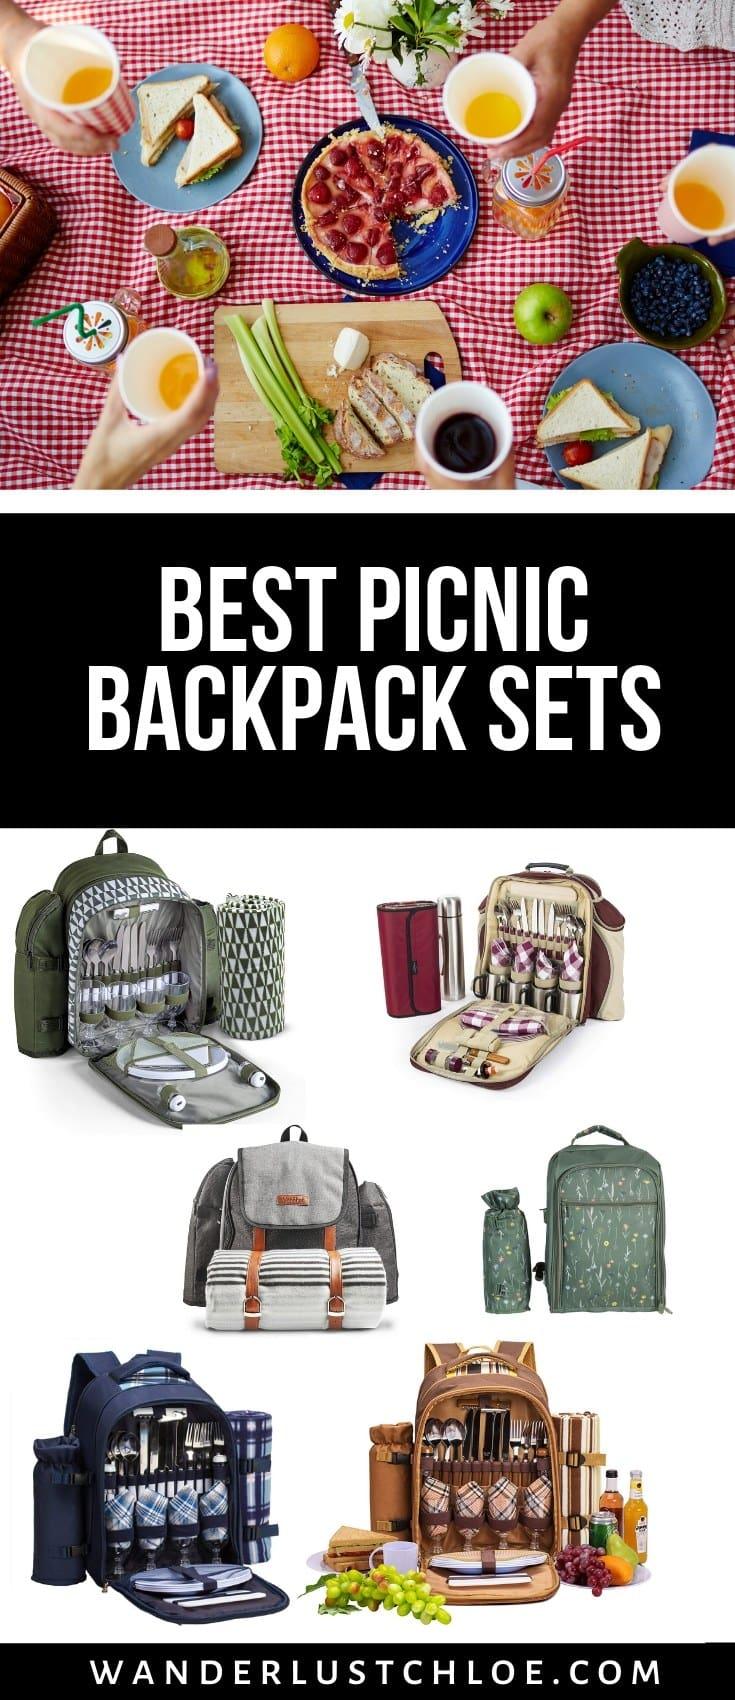 Picnic backpack sets